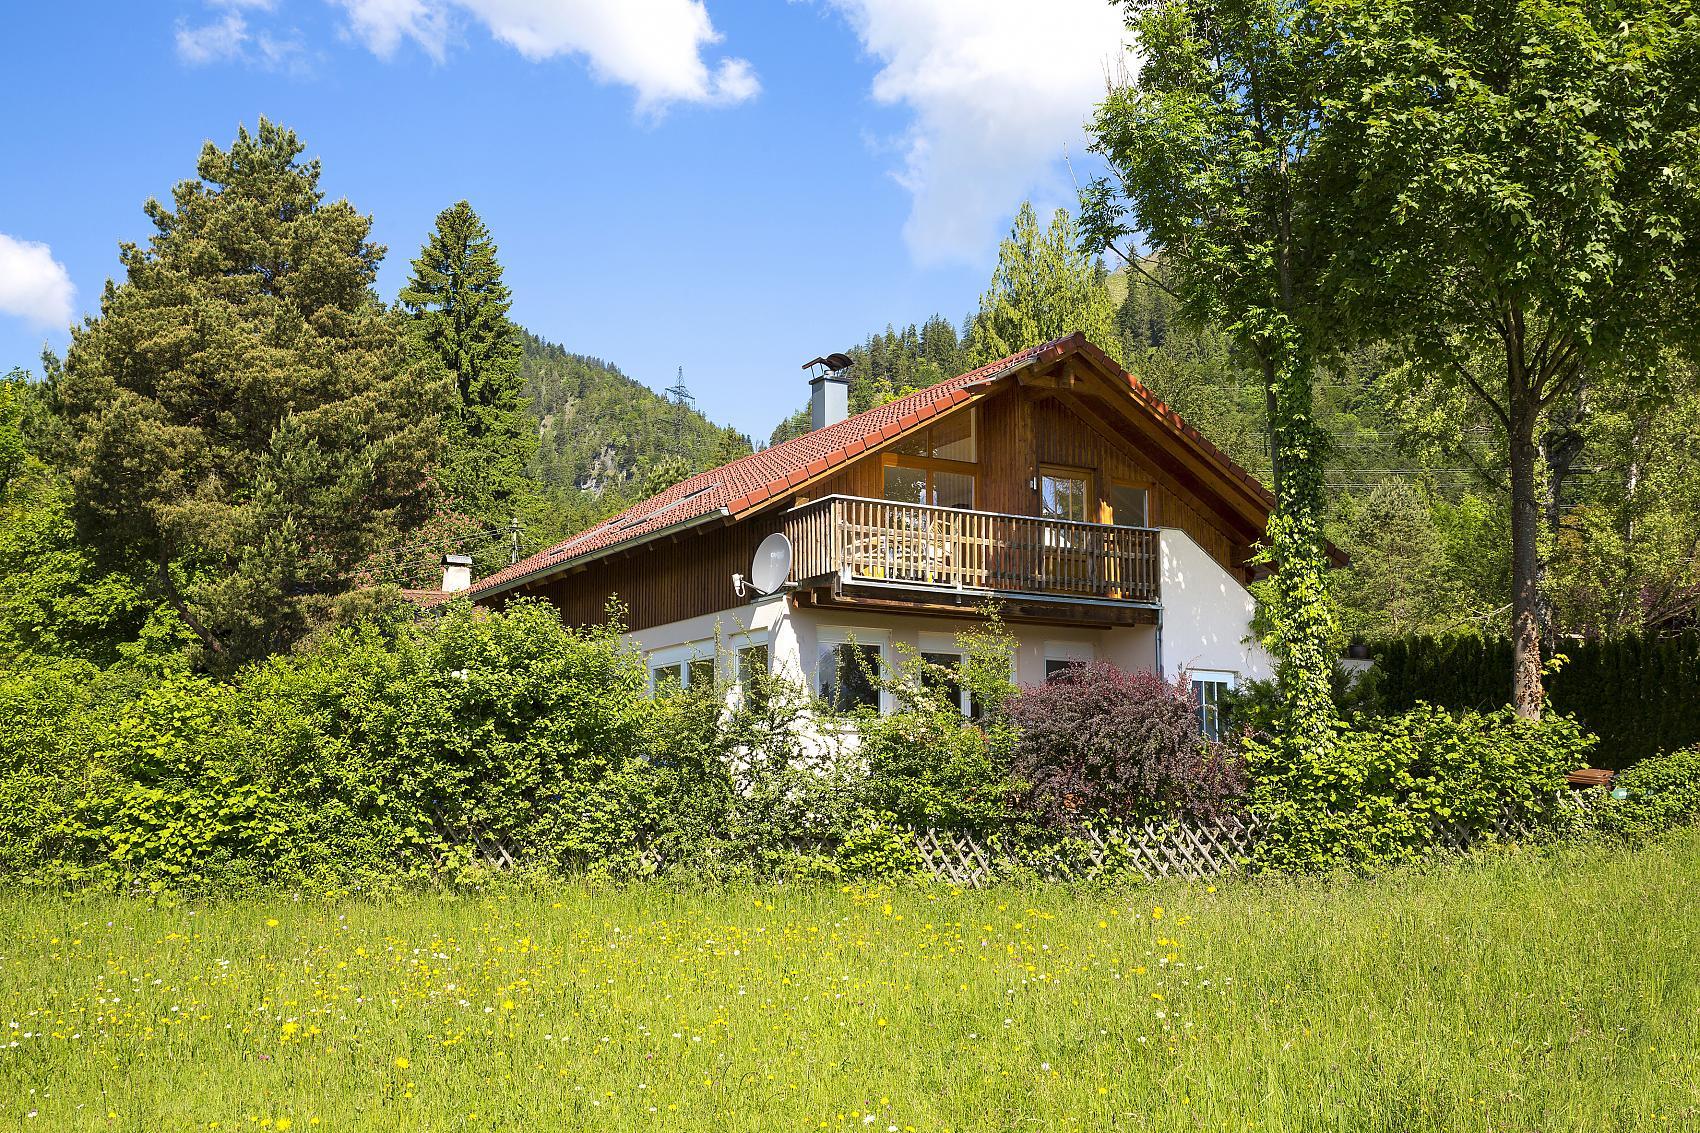 Ferienhaus Walchensee ferienwohnung lenich - walchensee